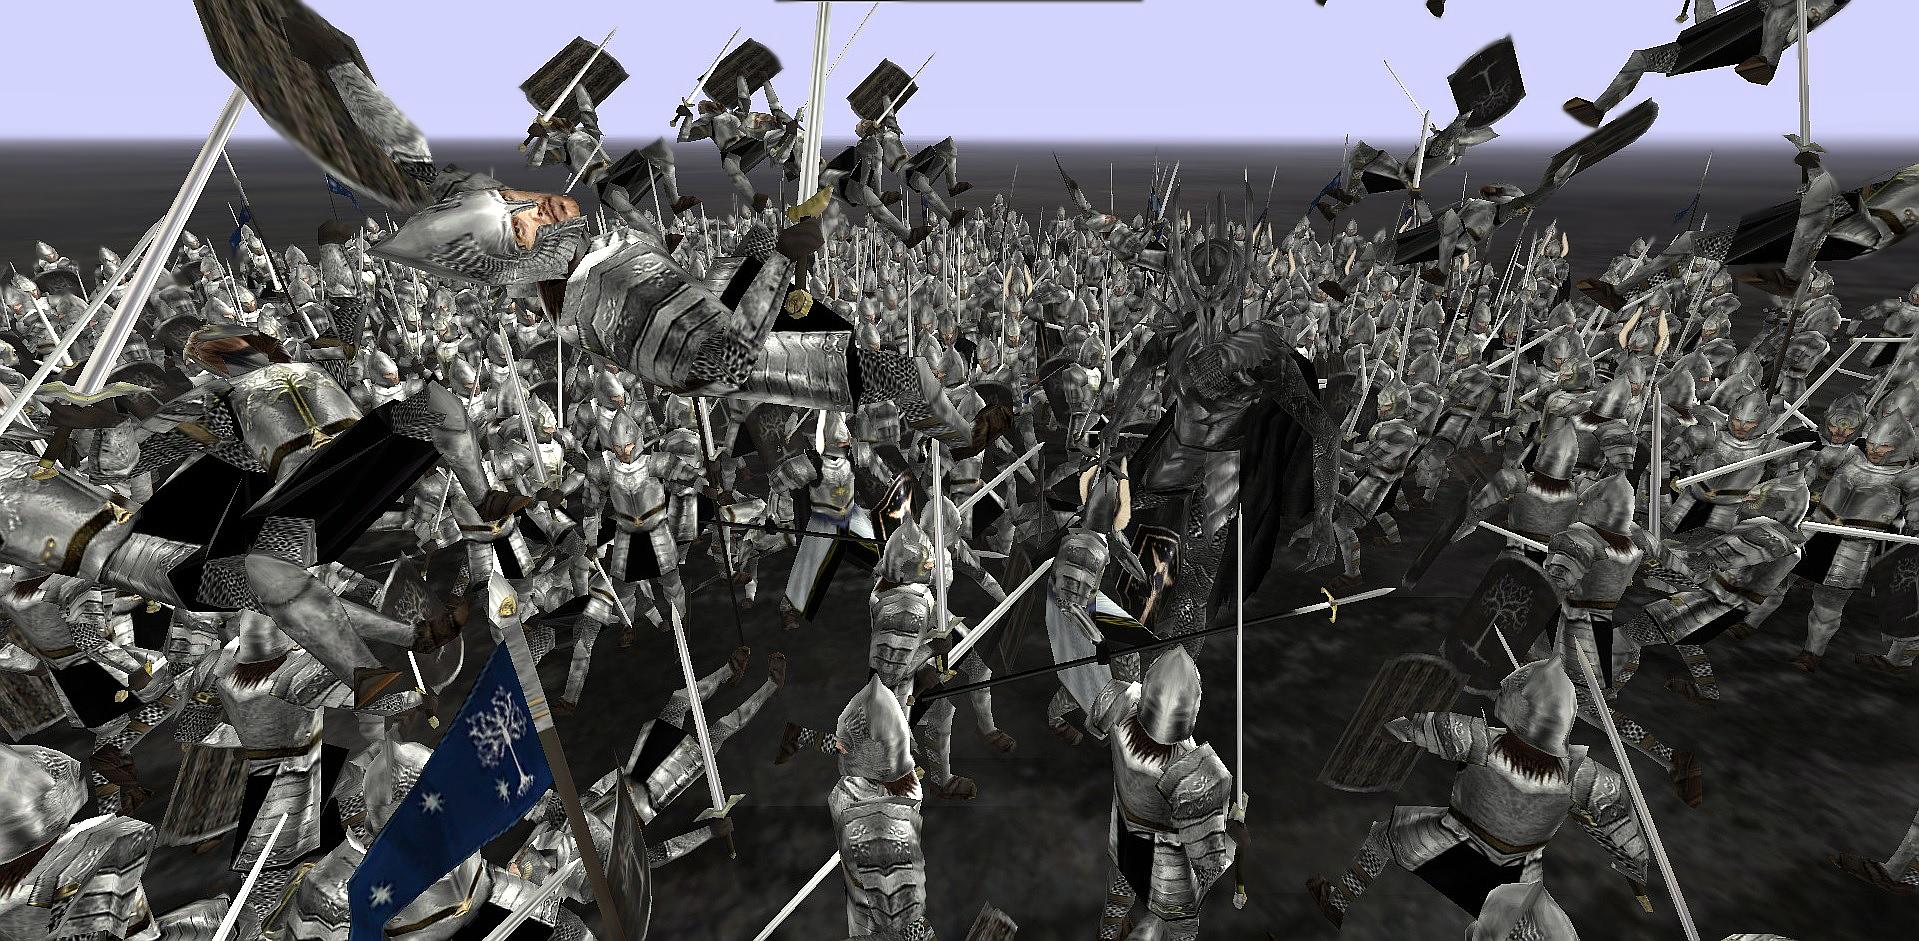 total war rome 2 guide steam